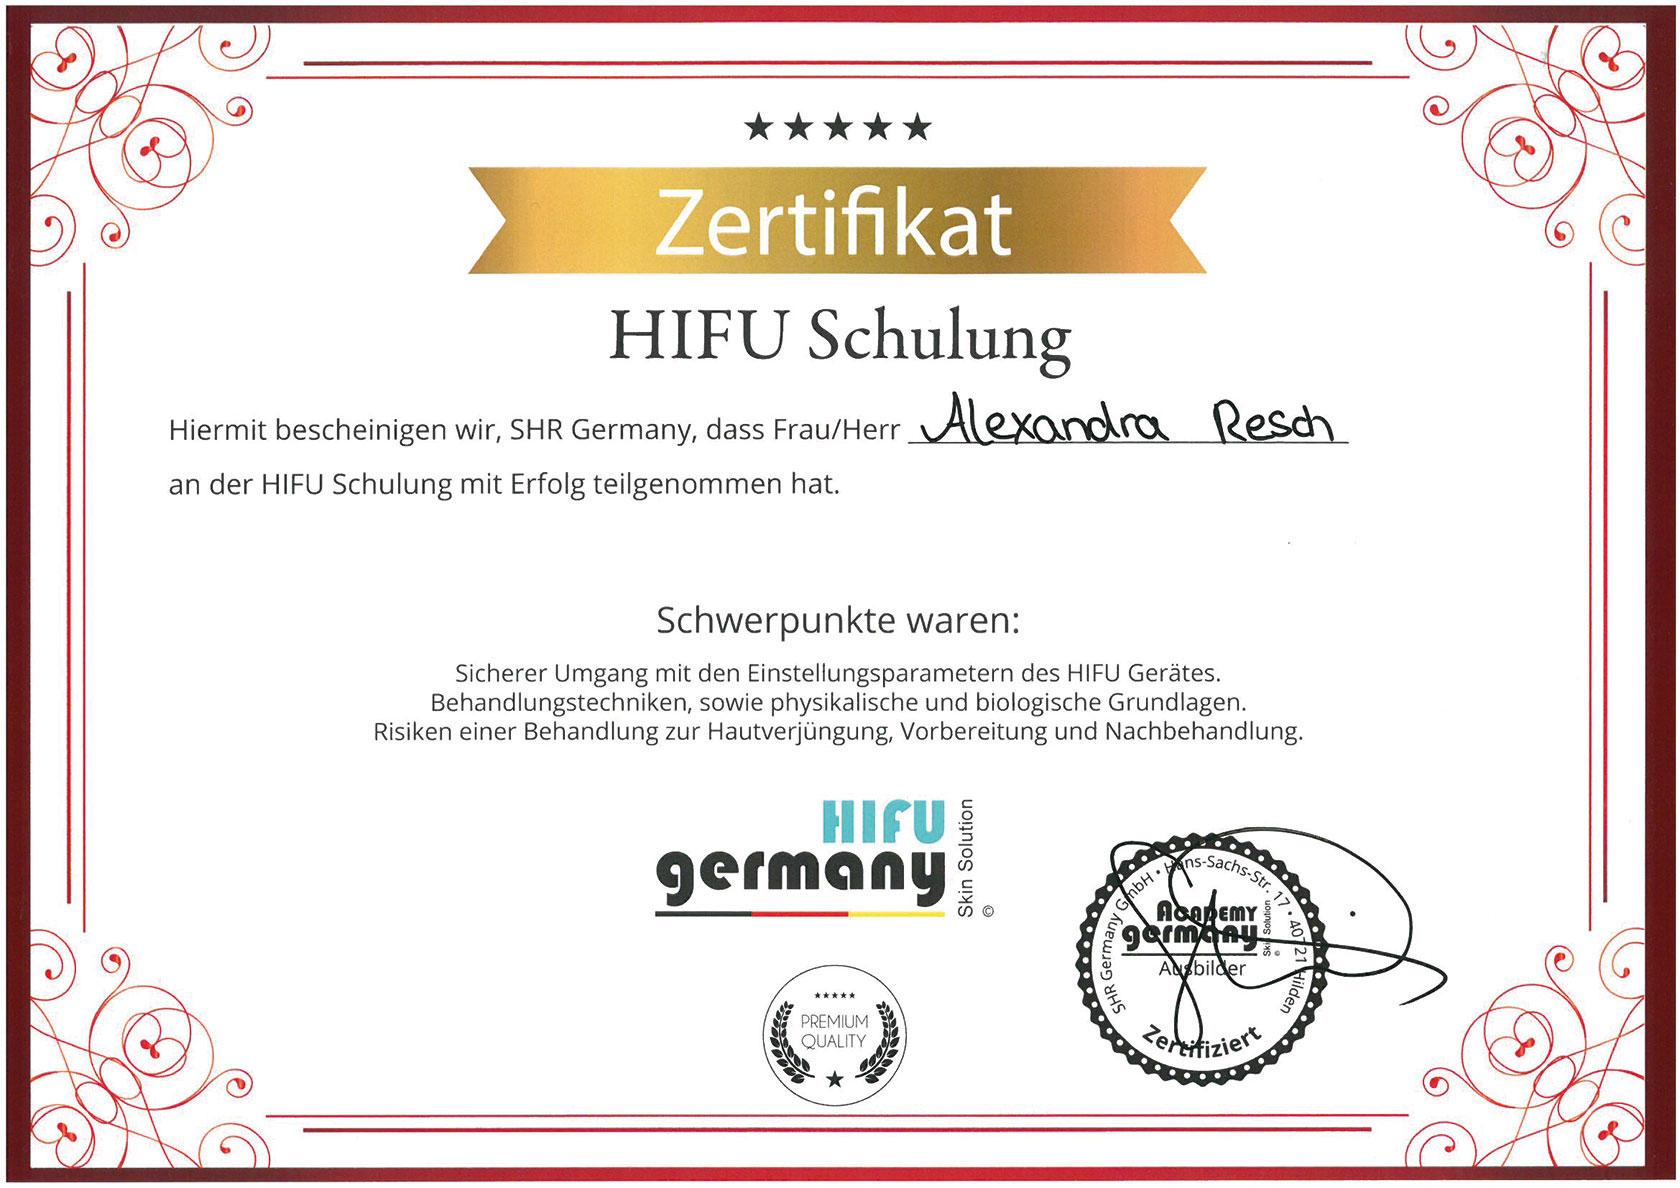 Pure Ästhetik Winnenden – Zertifikat –HIFU Schulung